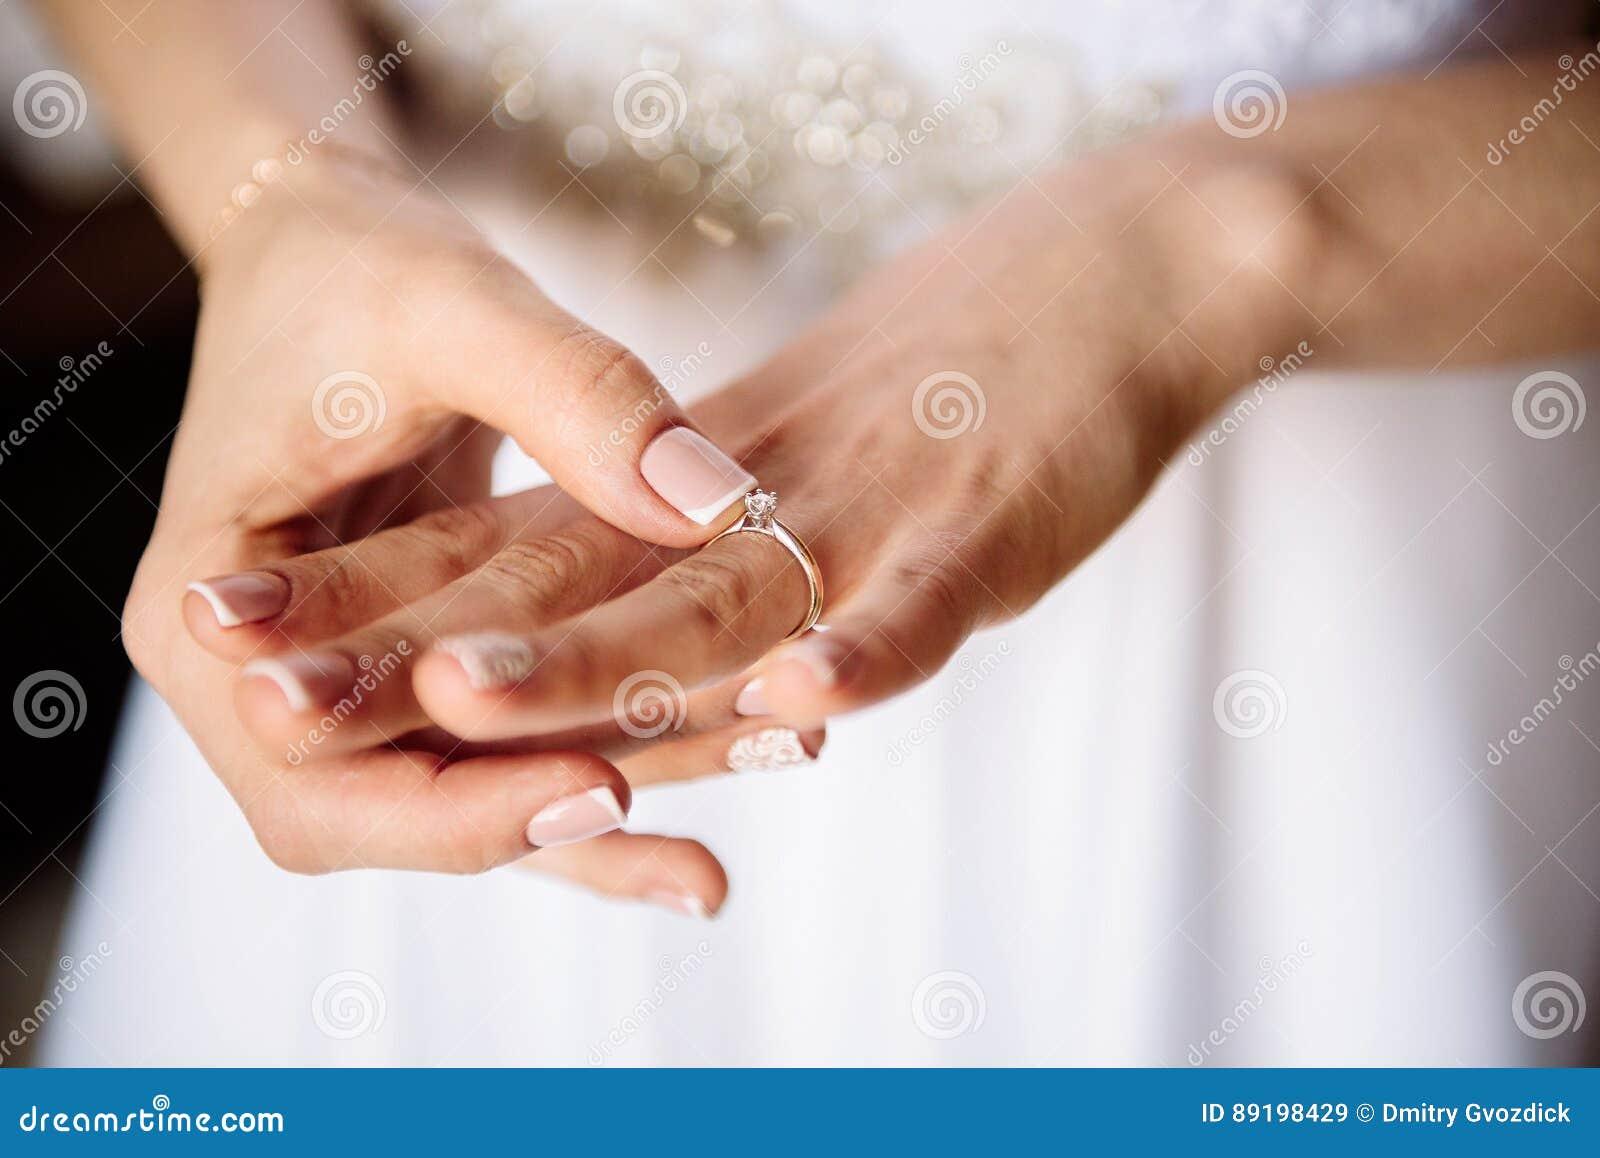 Panna młoda z pierścionkiem zaręczynowym